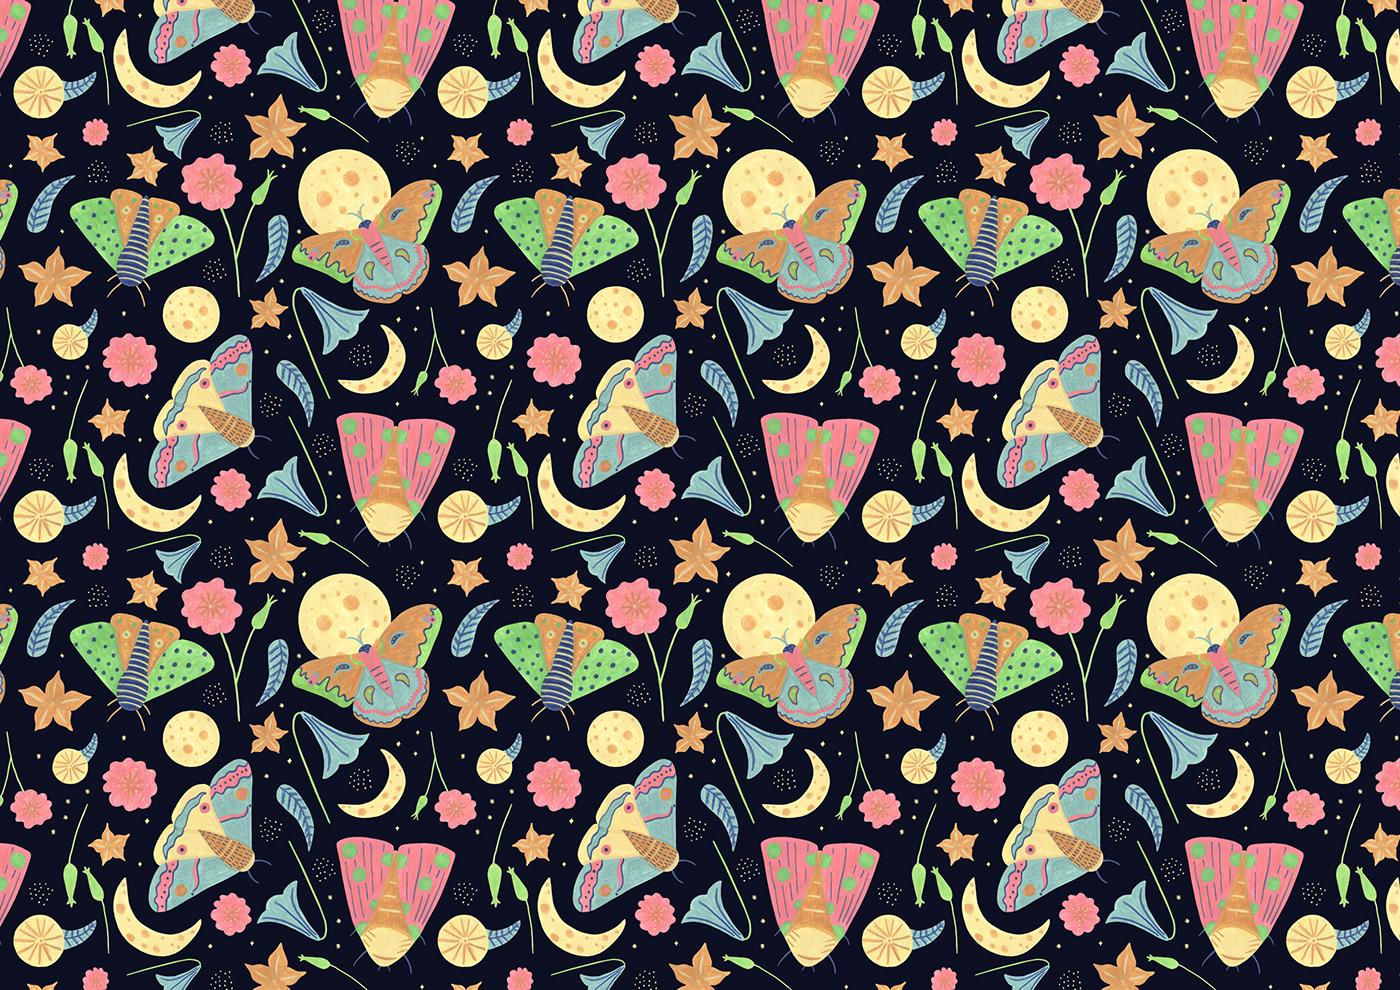 patterndesign surfacedesign moths night moon Nature garden gouache ILLUSTRATION  plants